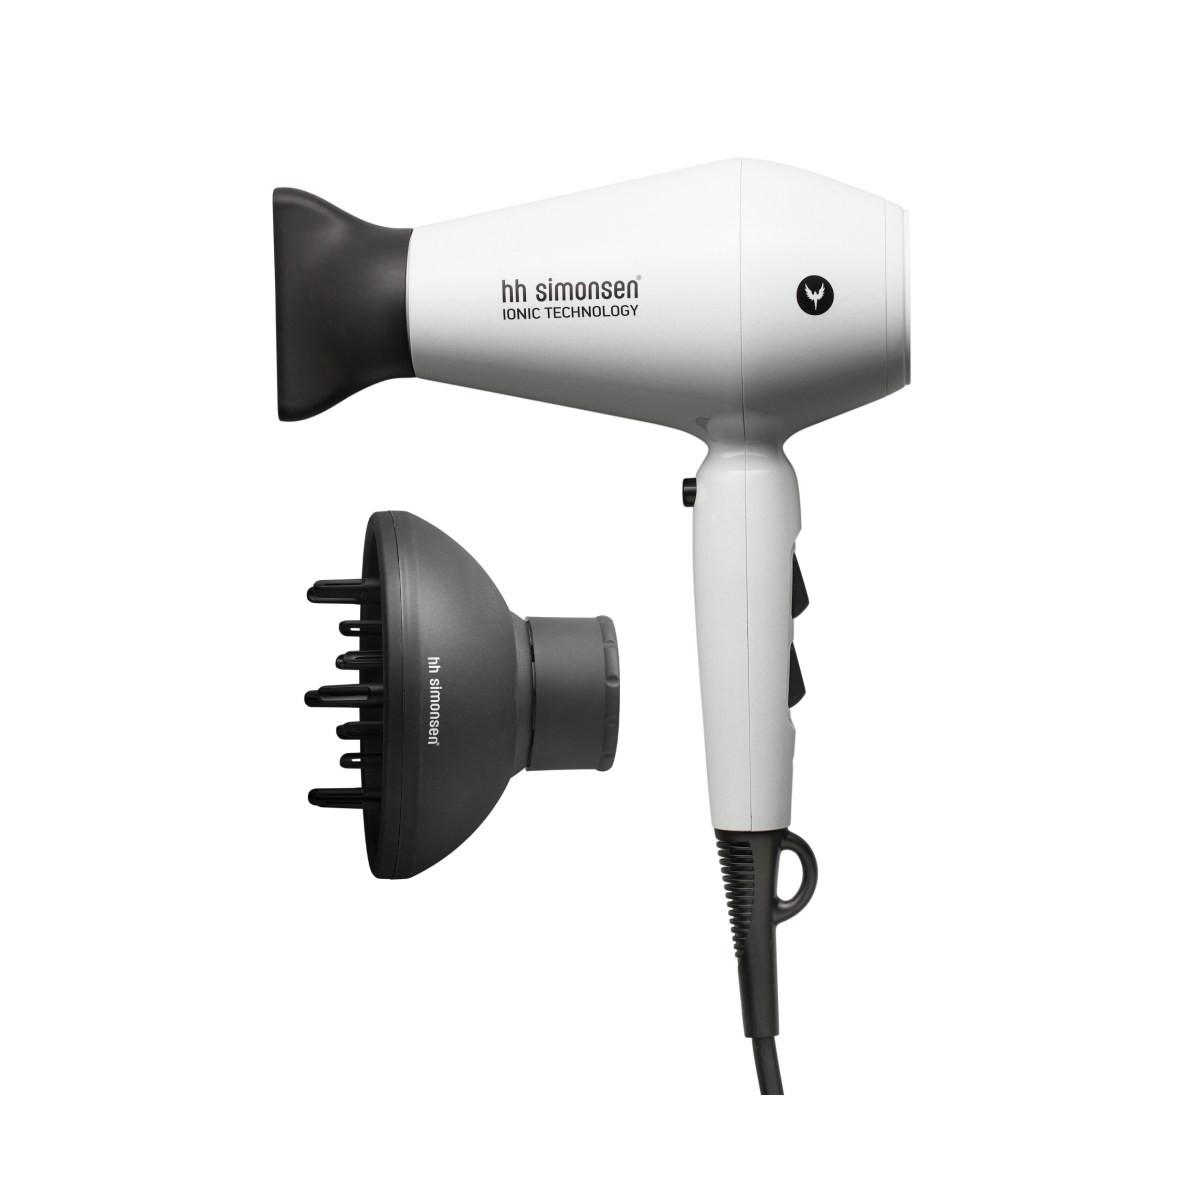 HH SIMONSEN Compact Dryer White + Diffusor - Kompaktowa suszarka do włosów + Dyfuzor kompaktowy gratis - Edycja limitowana